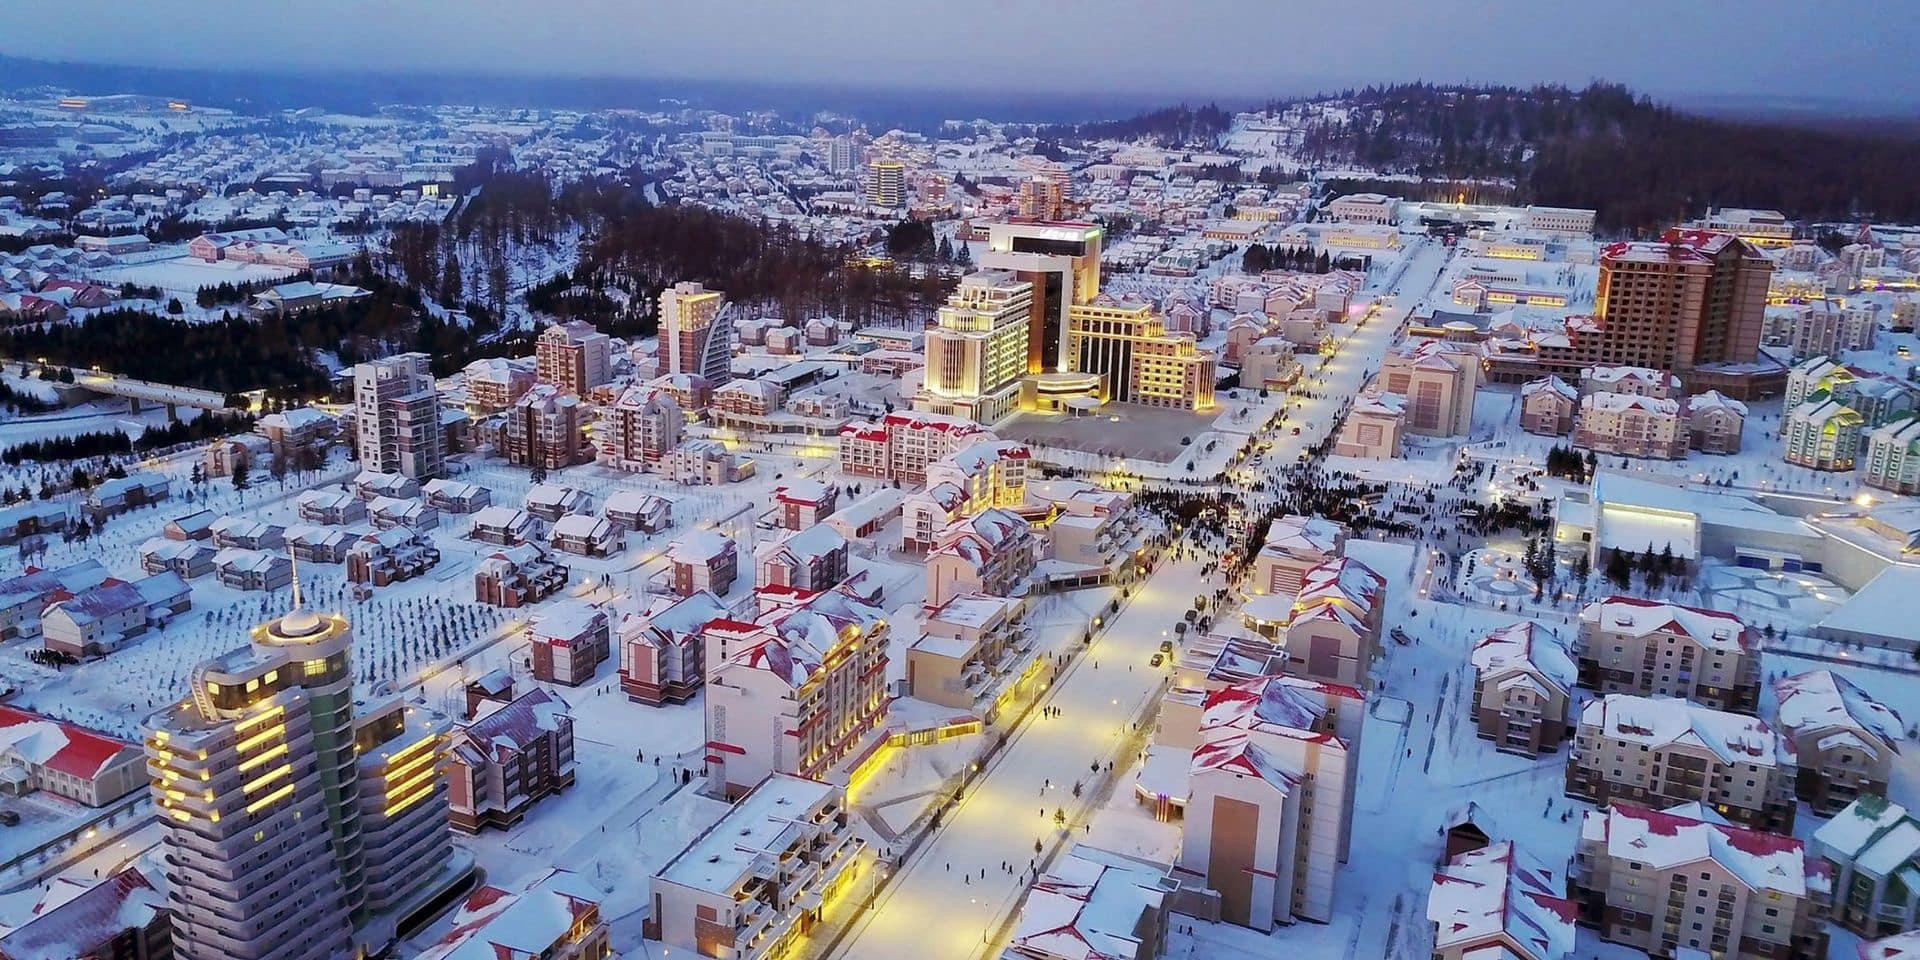 Corée du Nord: Kim Jong Un inaugure la ville nouvelle de Samjiyon, un projet titanesque aux confins du pays